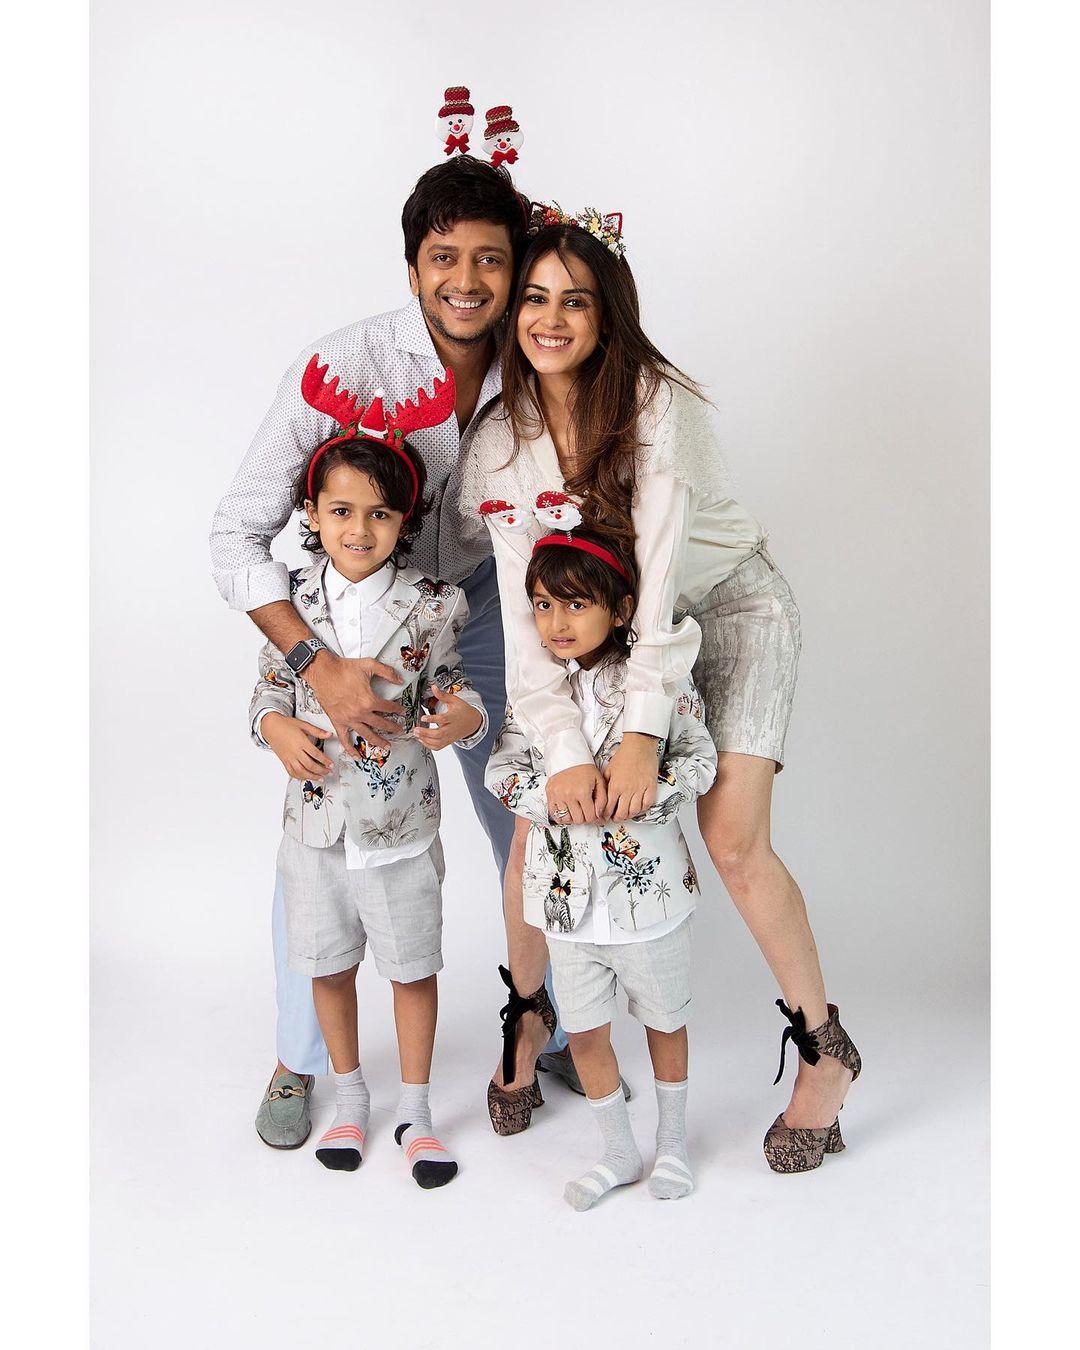 ritesh deshmukh family